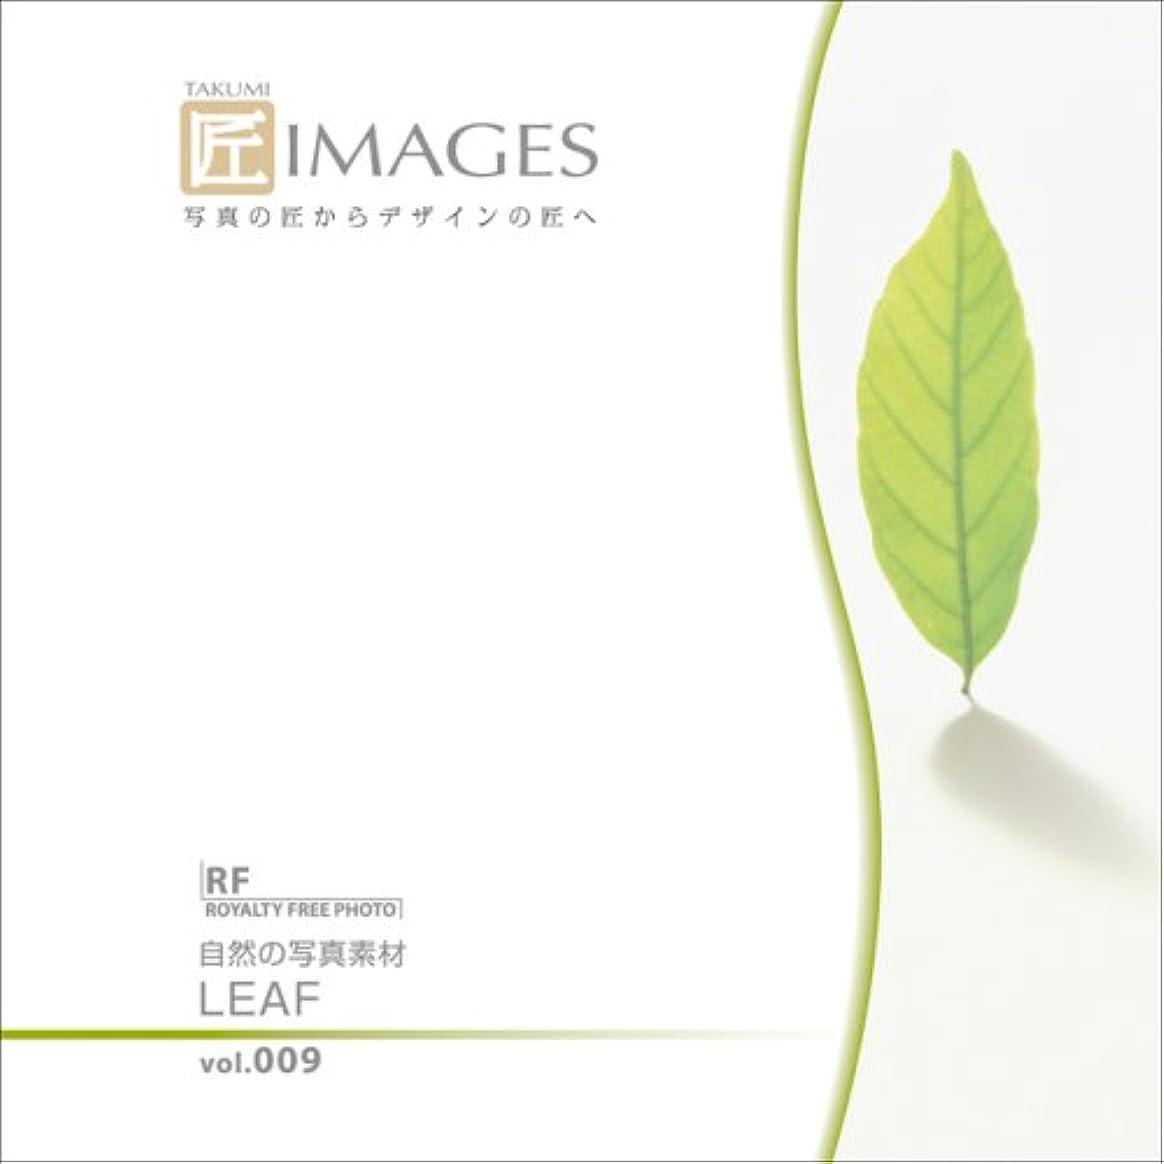 お勧めシャベル高尚な匠IMAGES Vol.009 LEAF